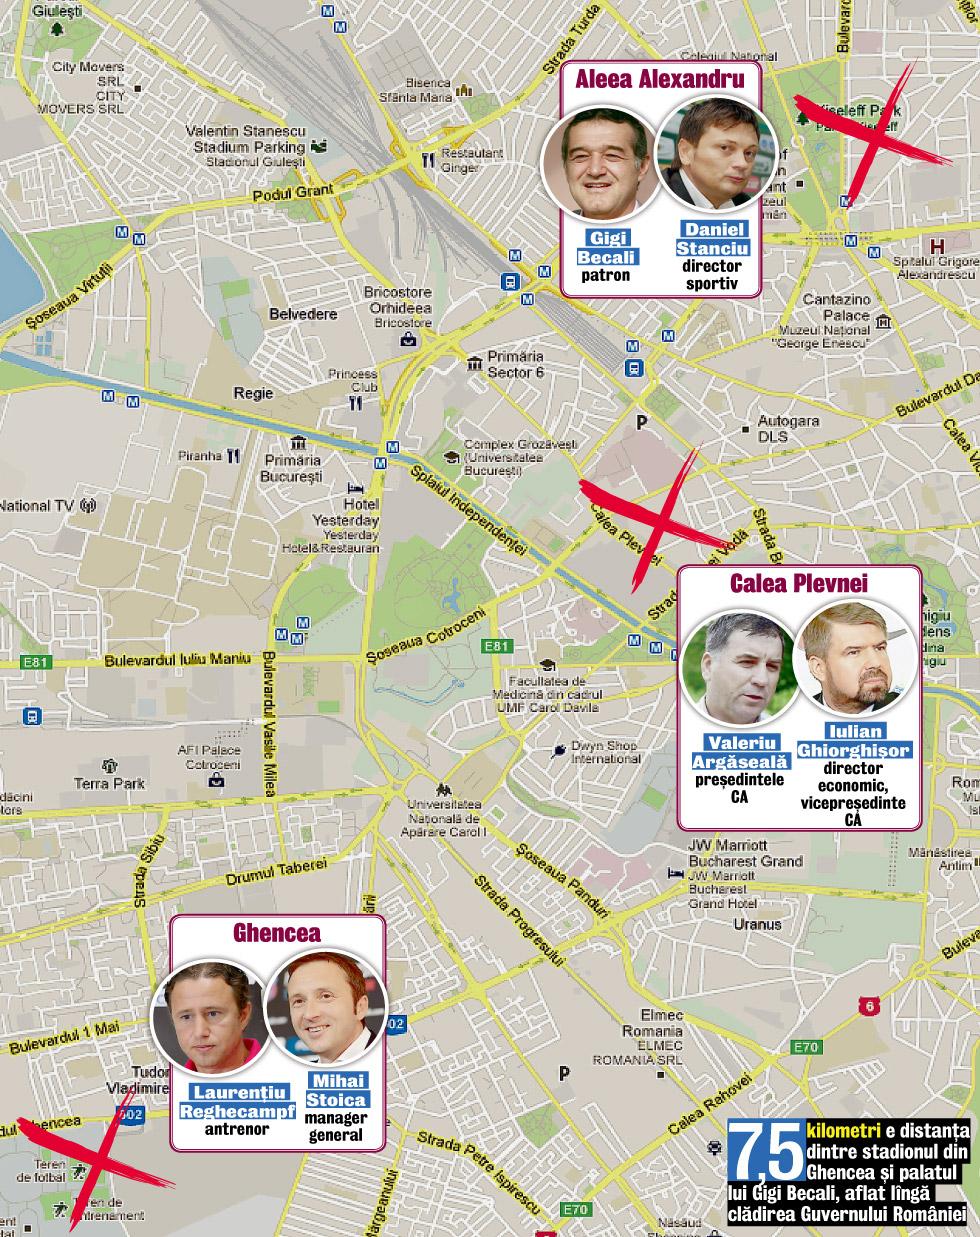 Harta Puterii La Steaua Clubul Se Conduce Din Trei Cartiere Iar